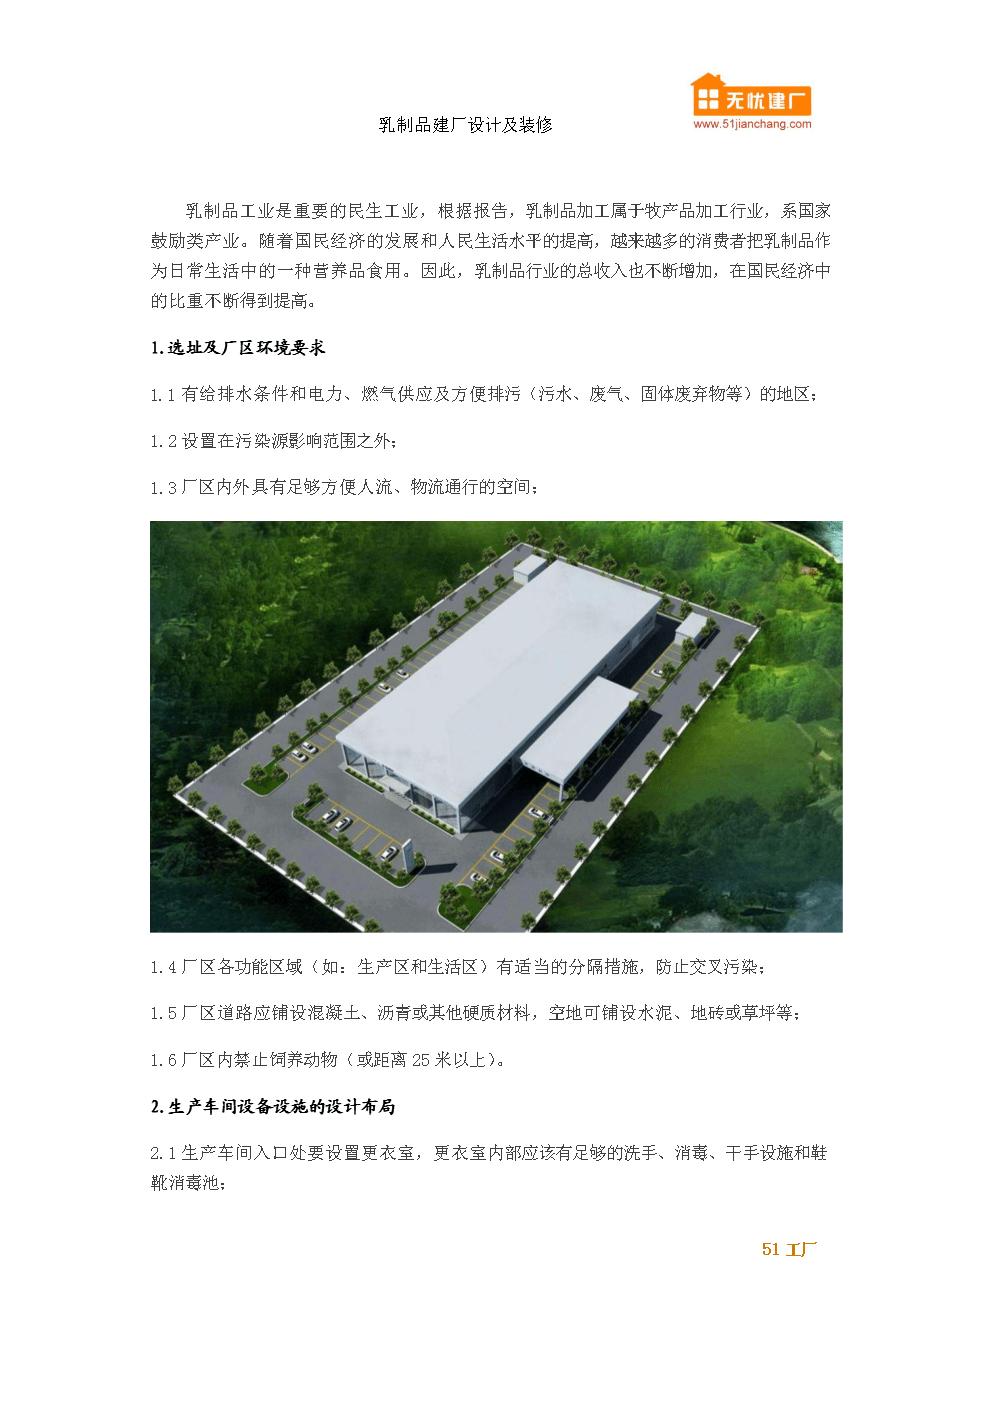 乳制品建厂设计及装修要求.docx